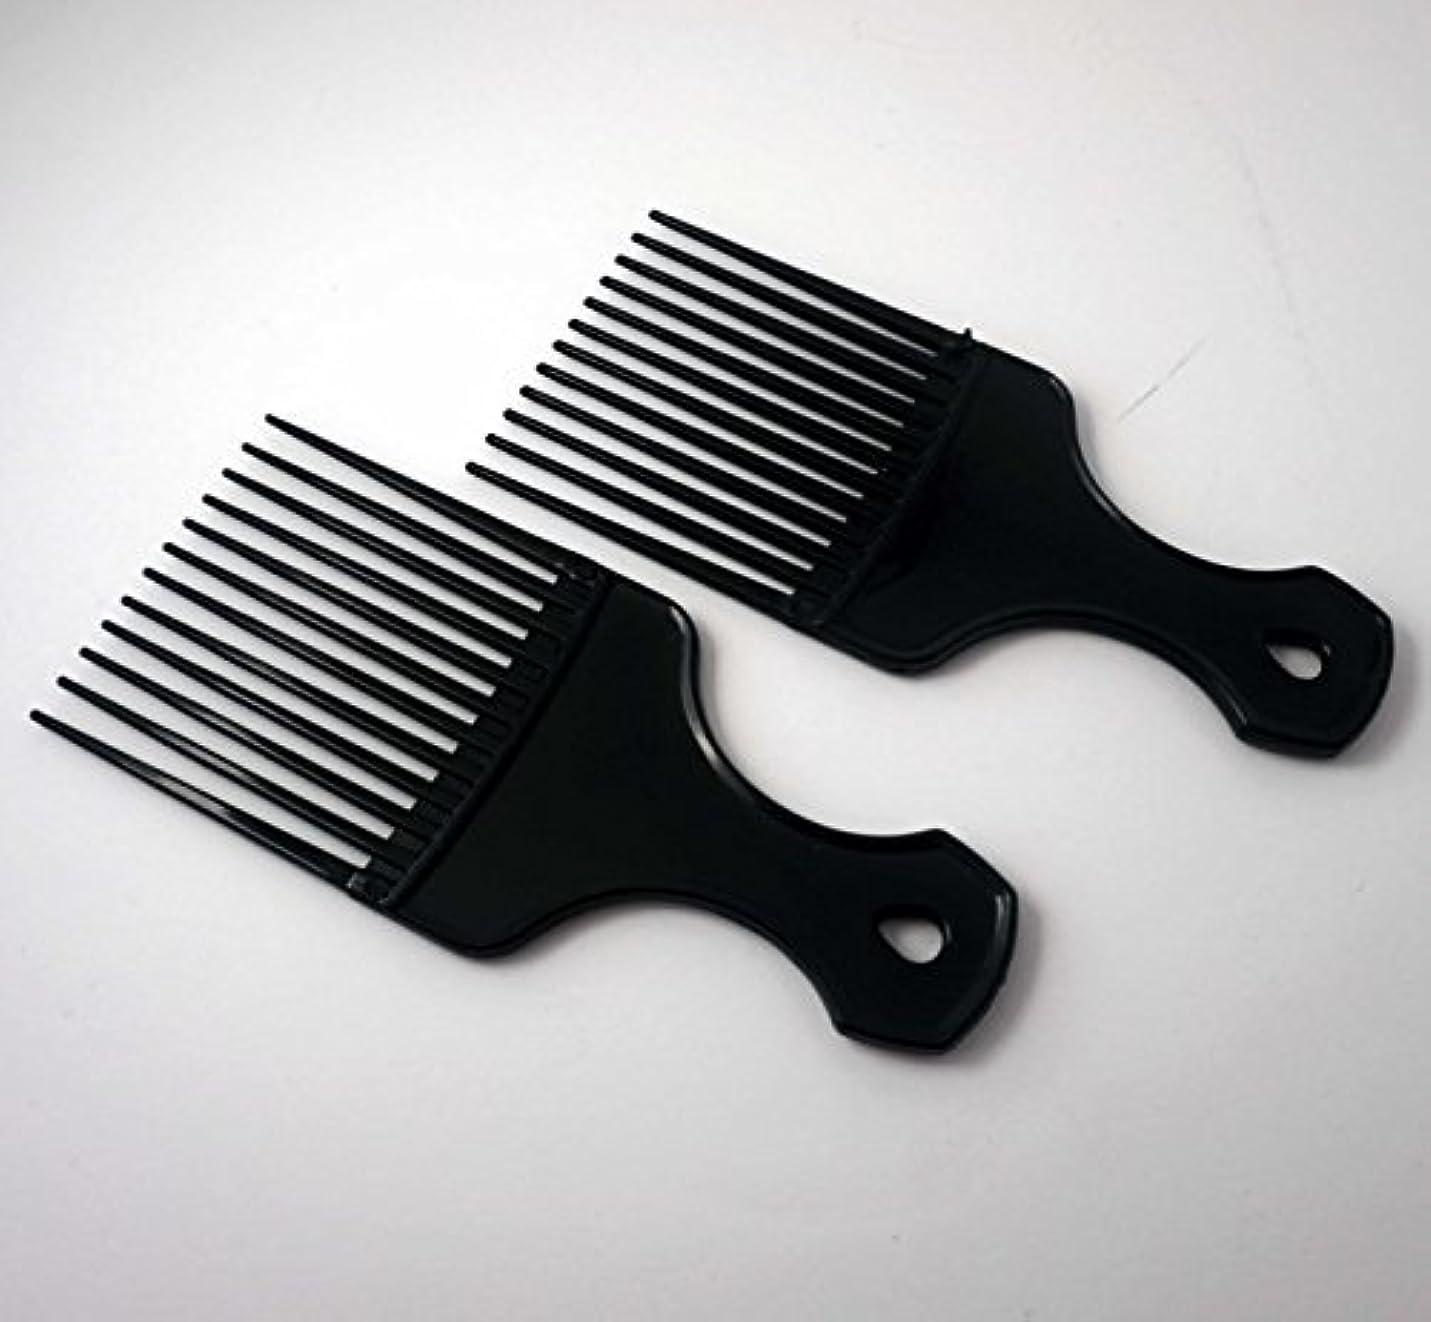 鉱石チャンス最初に7in Plastic Pick Comb [並行輸入品]